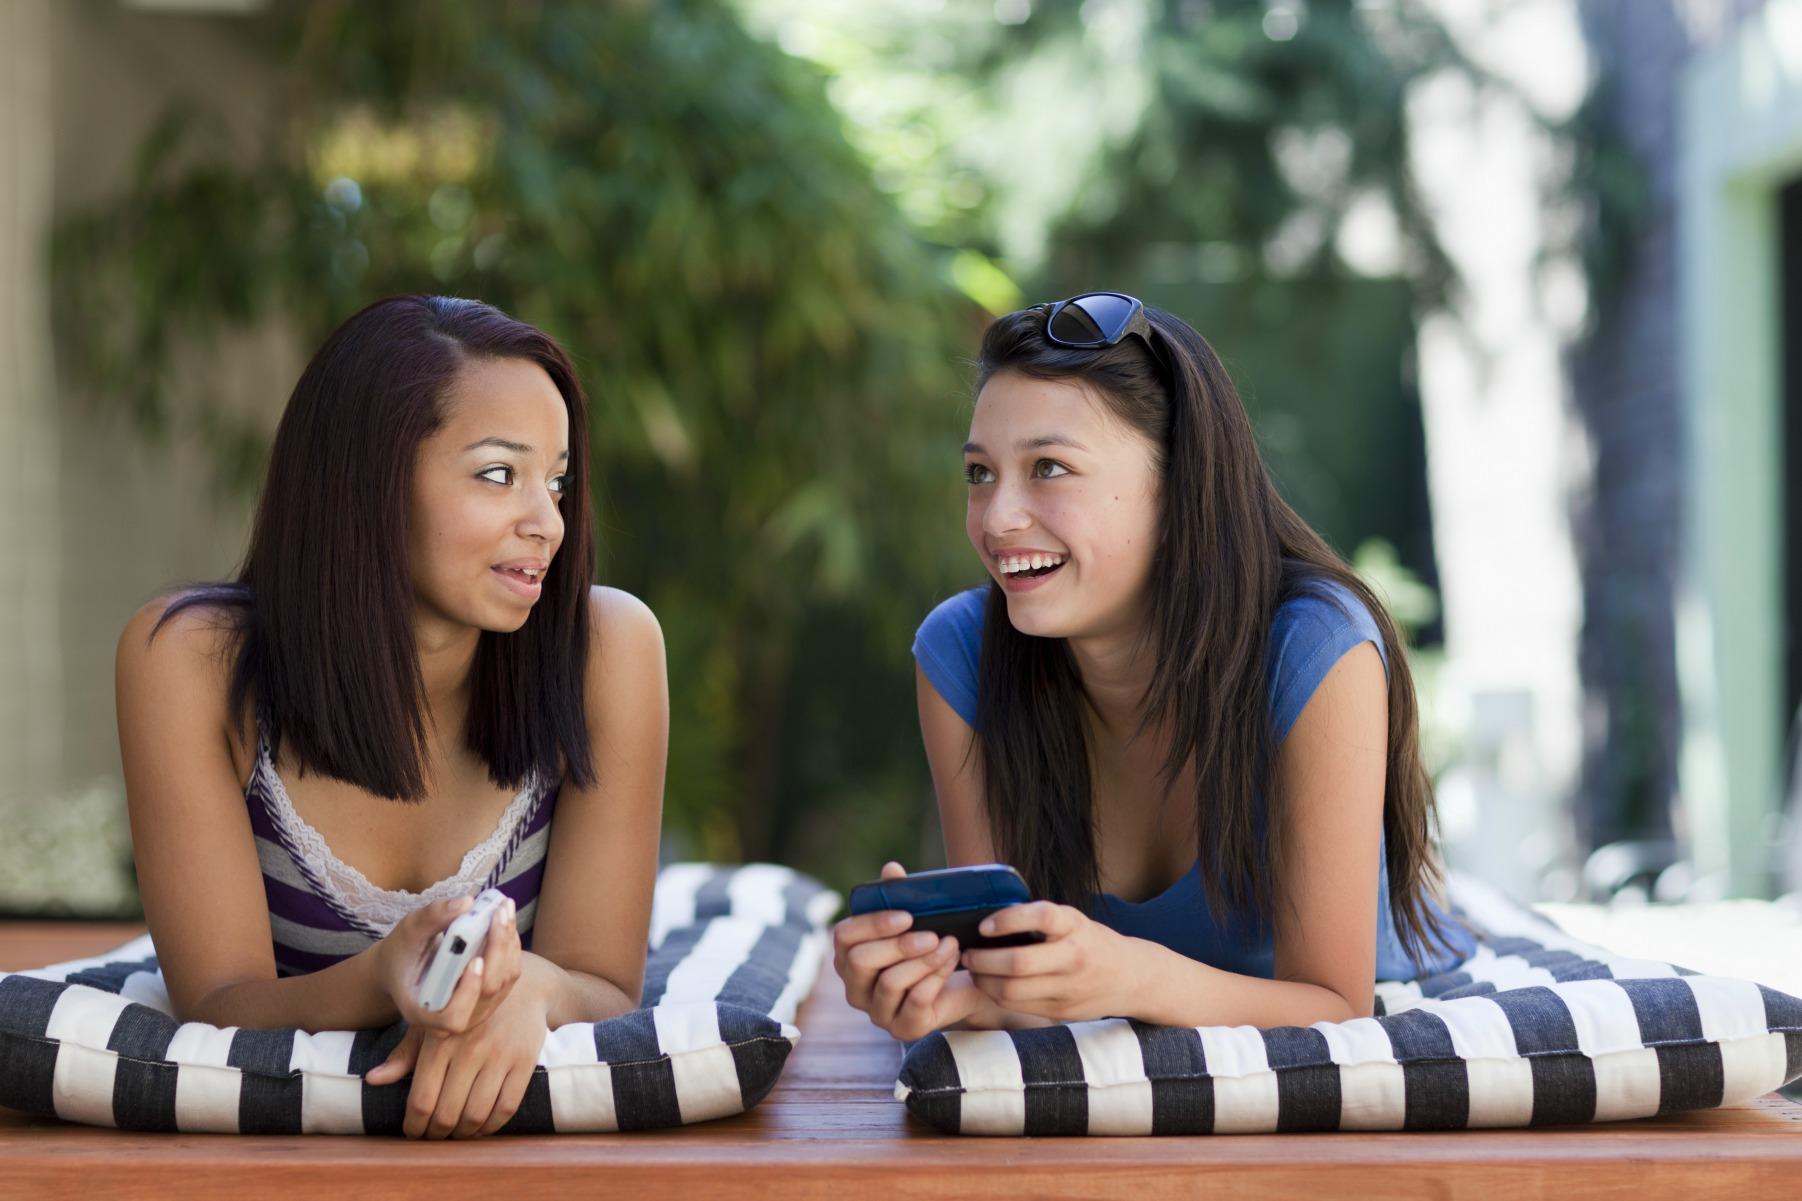 veninder, snak, piger